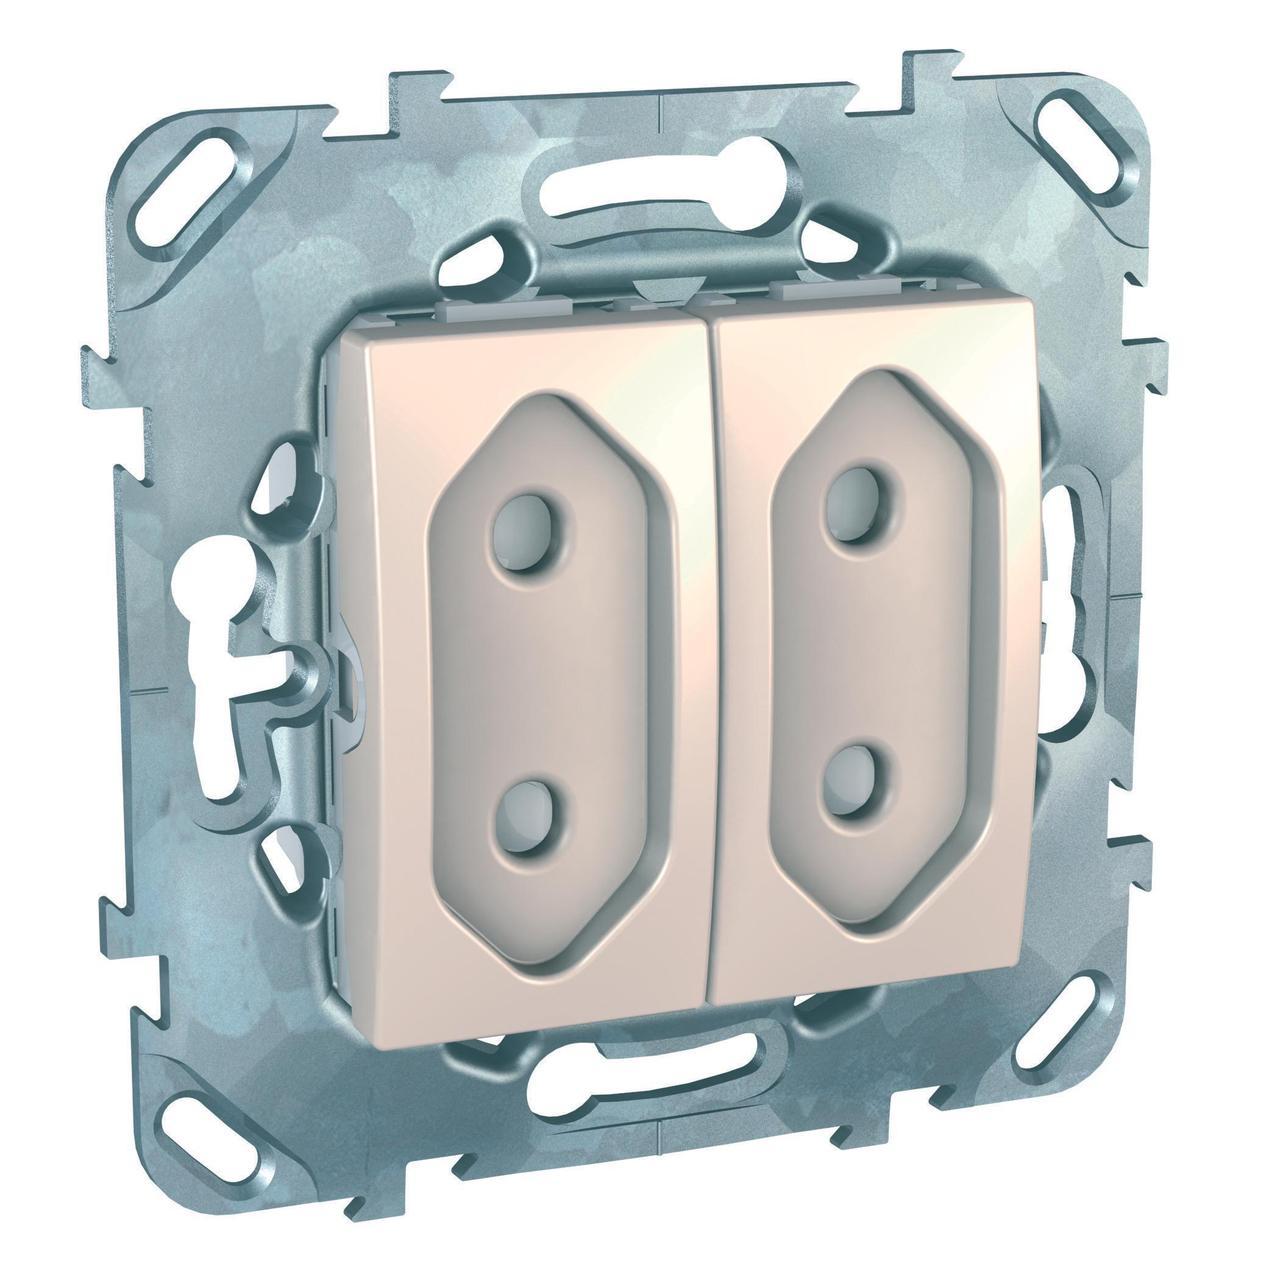 Розетка 2-ая электрическая без заземления с защитными шторками (для узких вилок) , Бежевый, серия Unica,